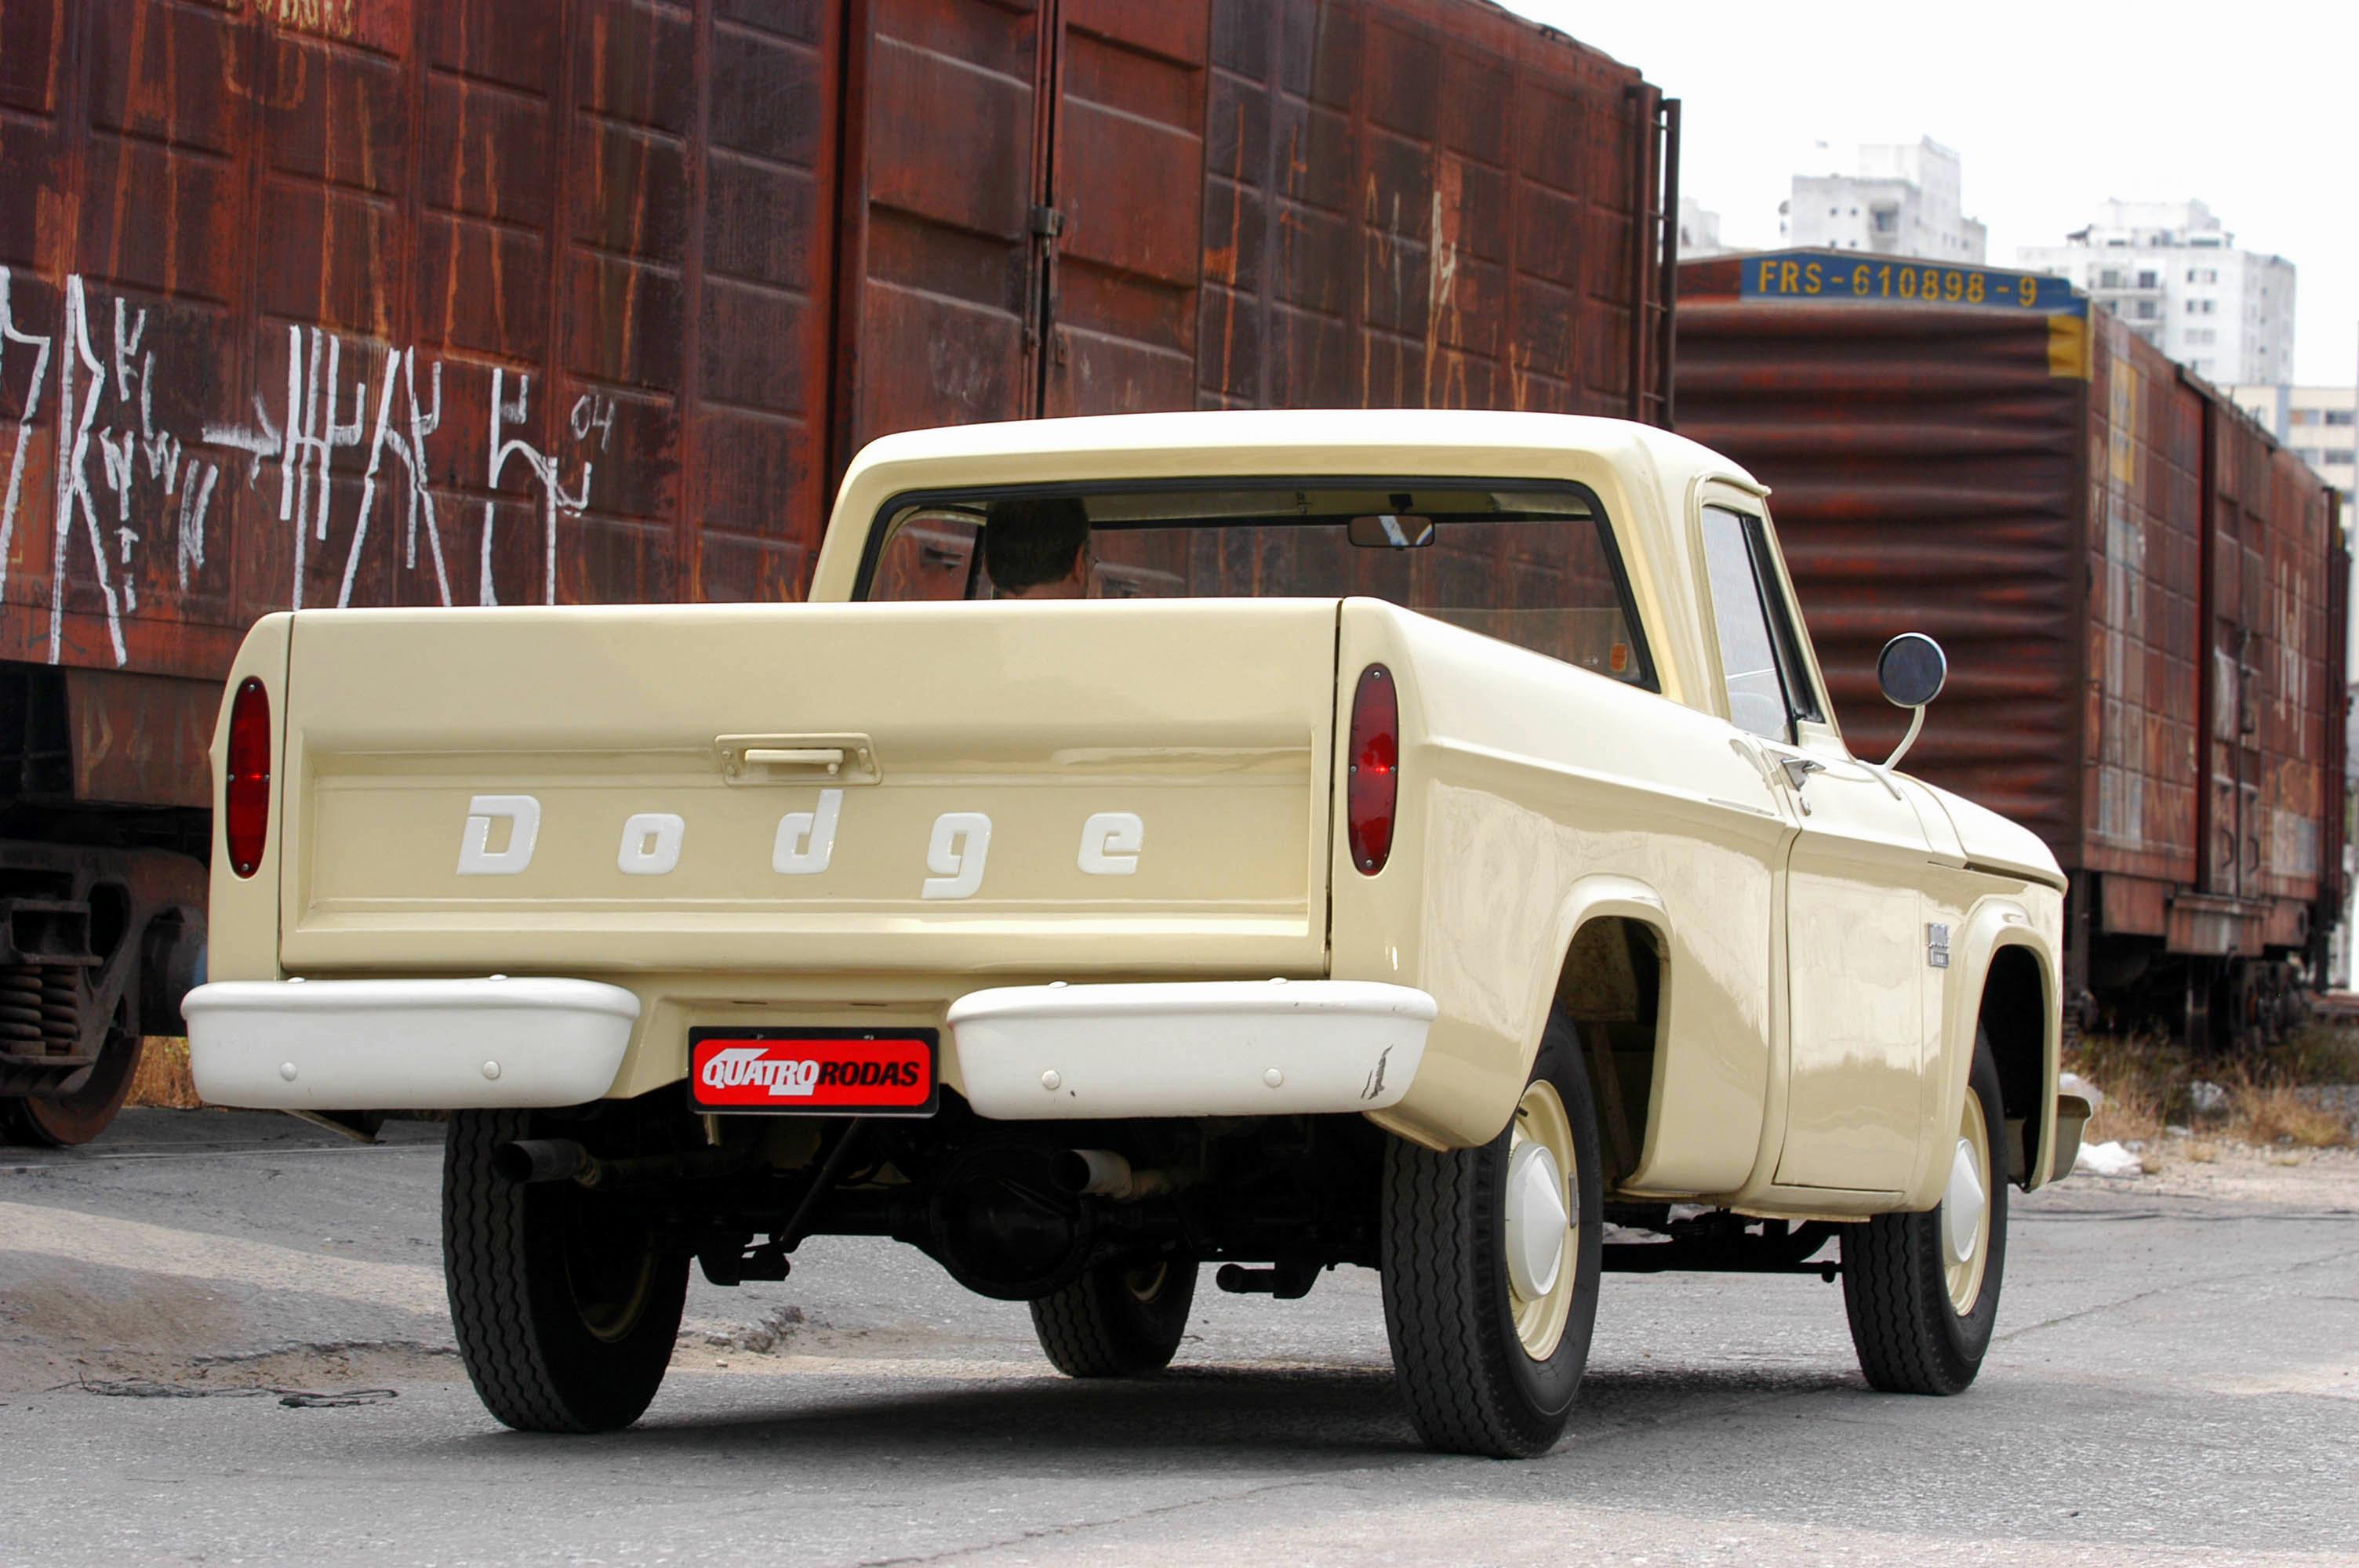 Dodge D 100, picape versão standard modelo 1970 da Chrysler, de propriedade de F_3